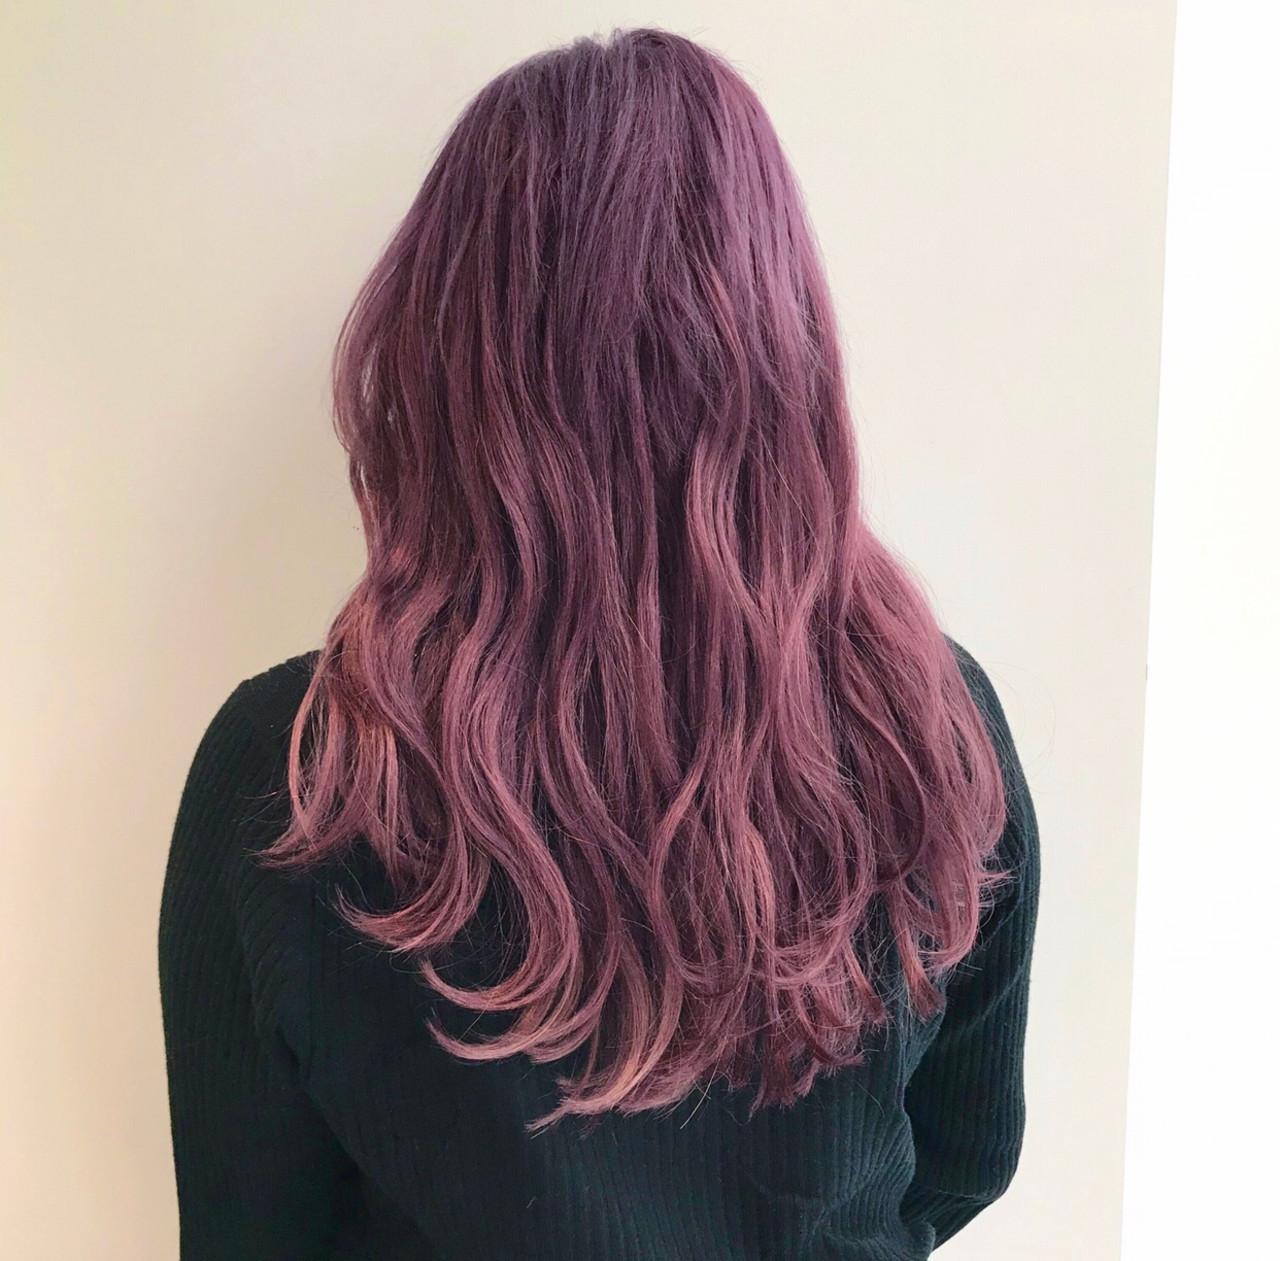 エクステ セミロング ピンクパープル ピンク ヘアスタイルや髪型の写真・画像